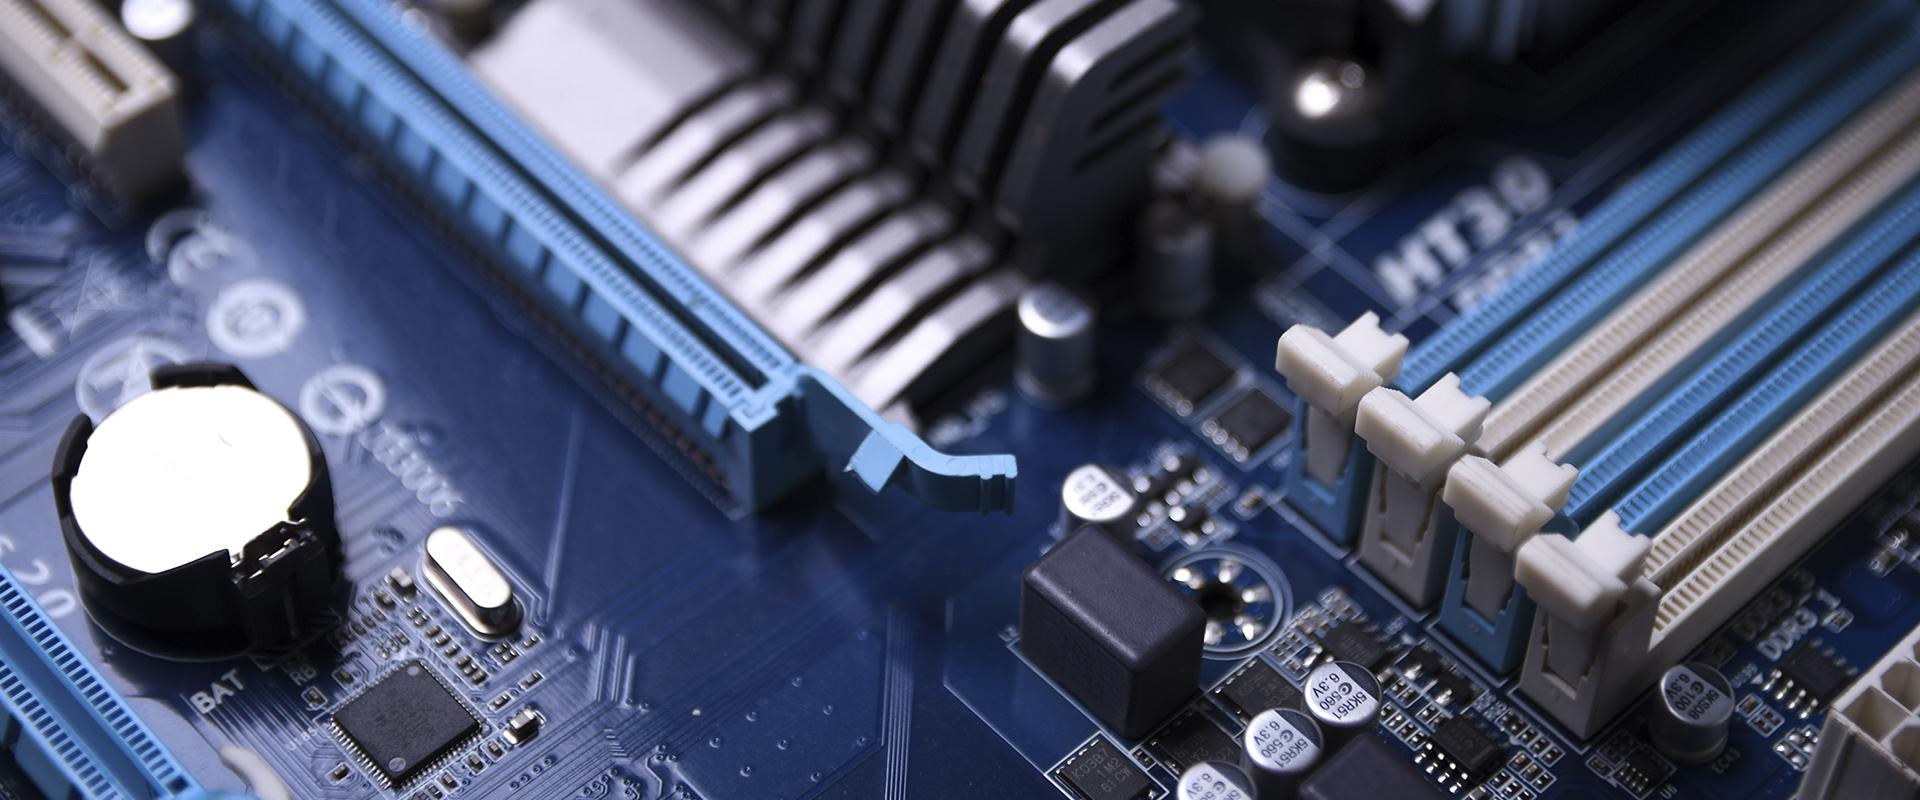 Tipos de Web Service en la Industria 4.0